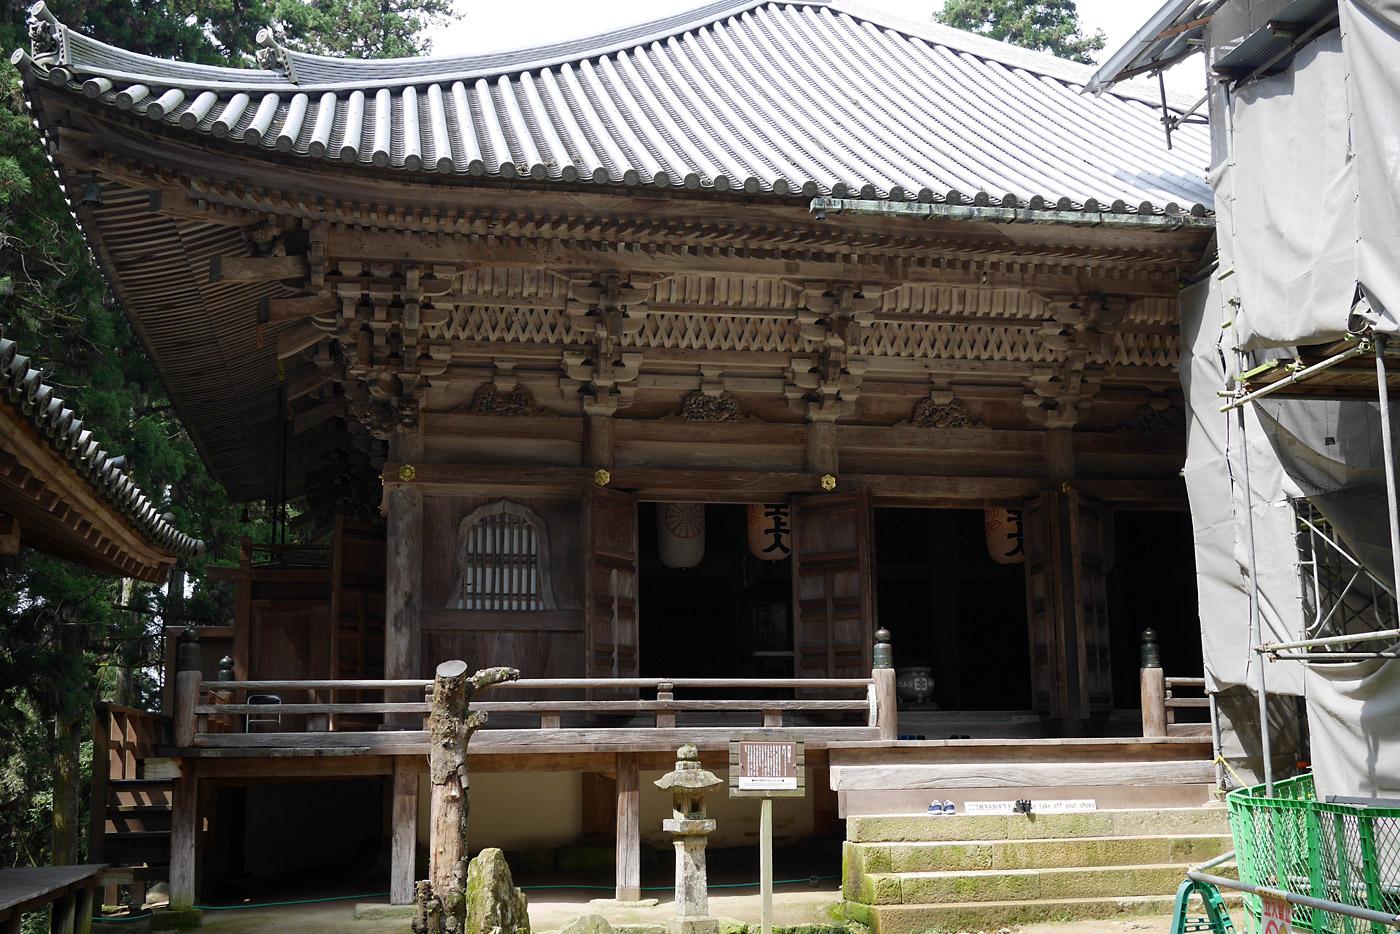 圓教寺 圓教寺はさらに奥の院がありますが、護法堂などは残念ながら修復工事中。そ... 書写山 圓